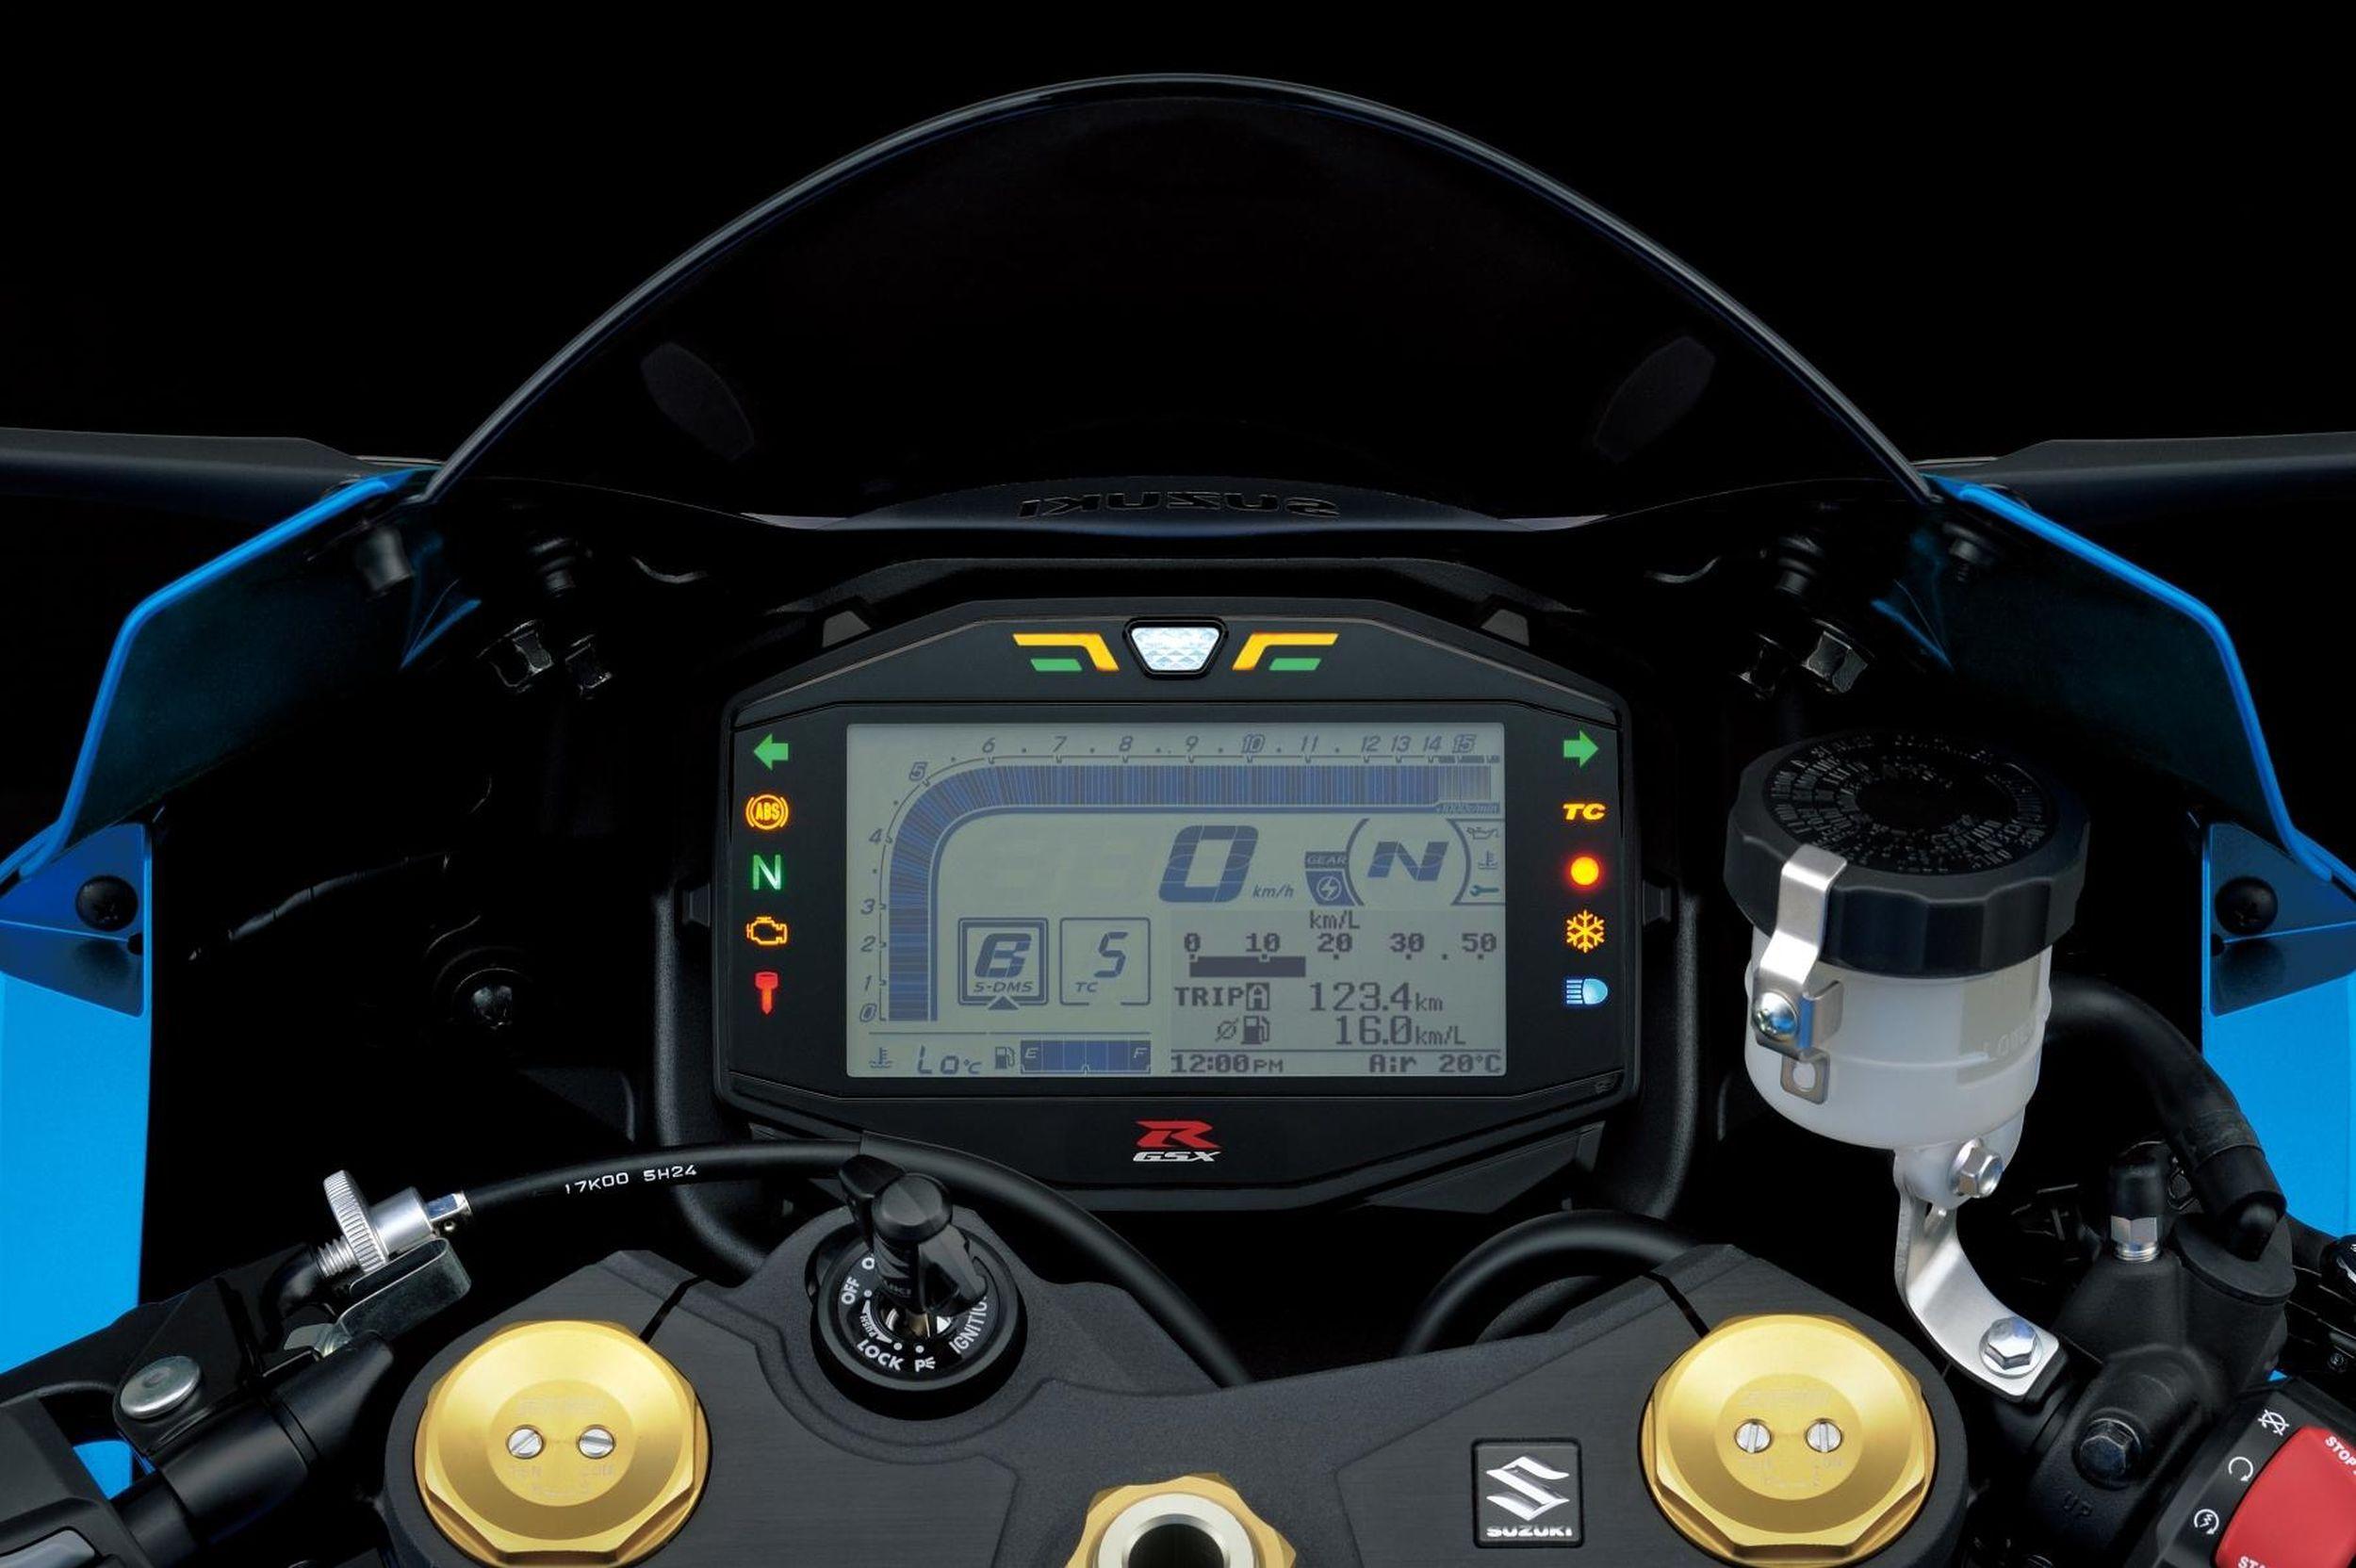 Suzuki Gsxr Special Edition For Sale